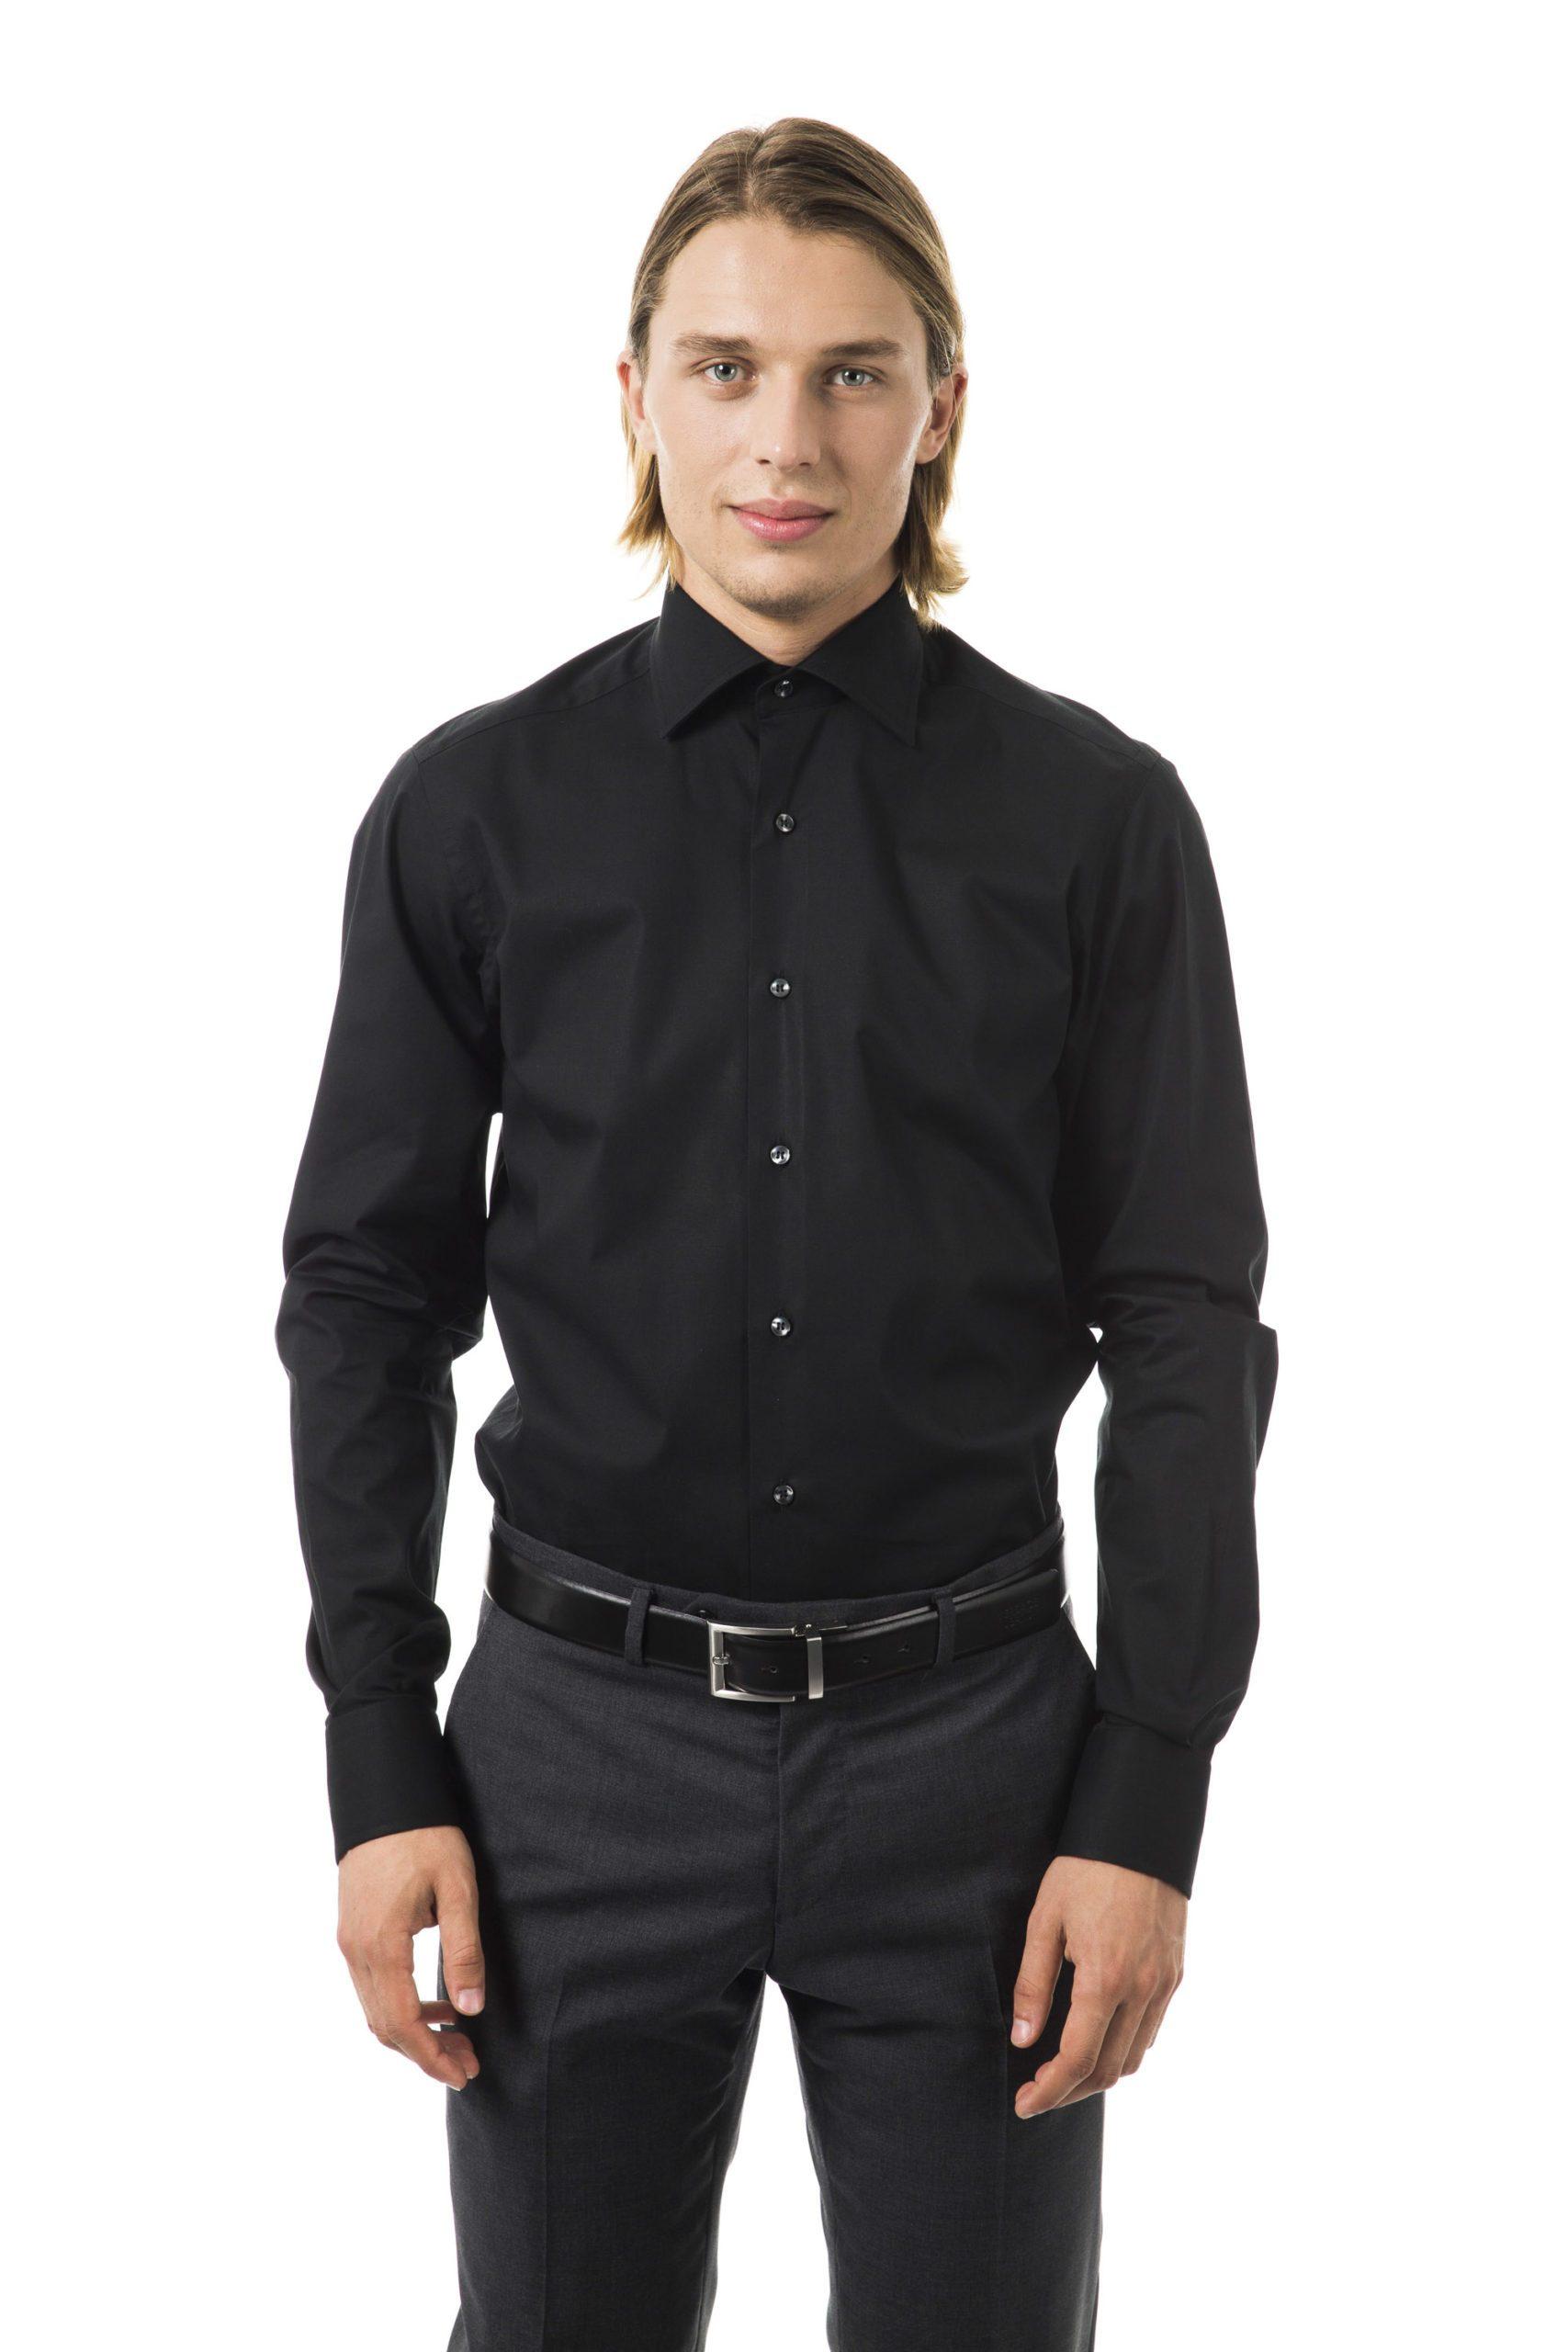 Uominitaliani Men's Nero Shirt Black UO1394646 - M